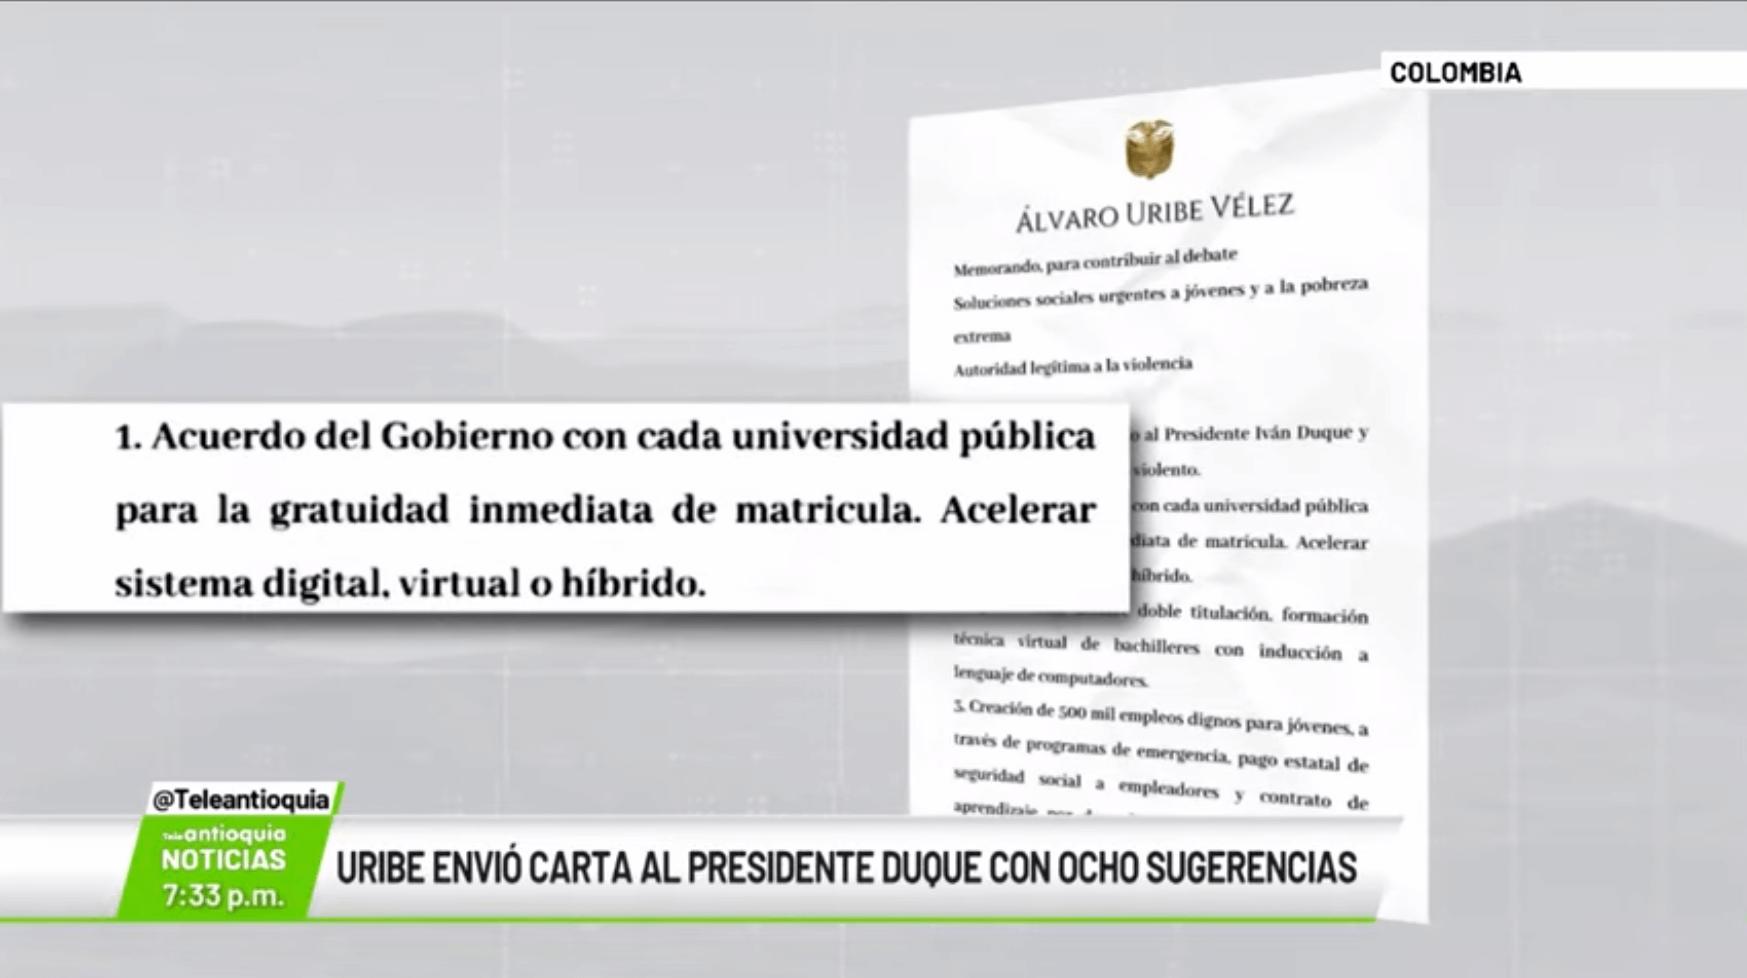 Uribe envió carta al presidente Duque con ocho sugerencias